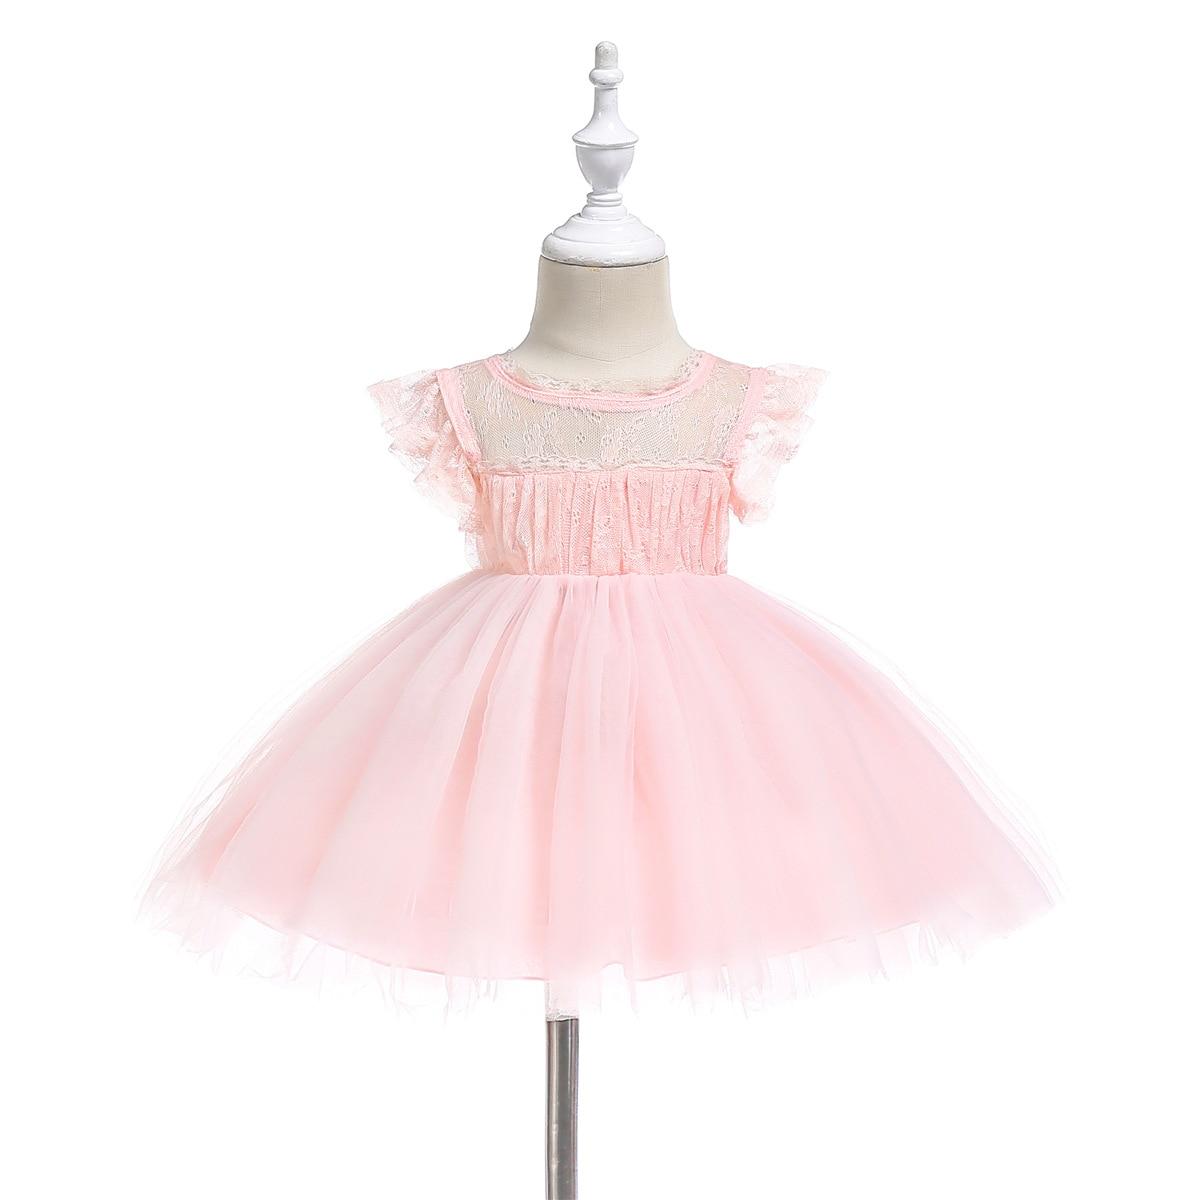 Rosa 1 Jahr Alt Geburtstag Baby Mädchen Party Kleider Winkel Vestido Formale Kleinkind Baby Kleinkind Mädchen Kleidung 6 9 12 24 monat 194007